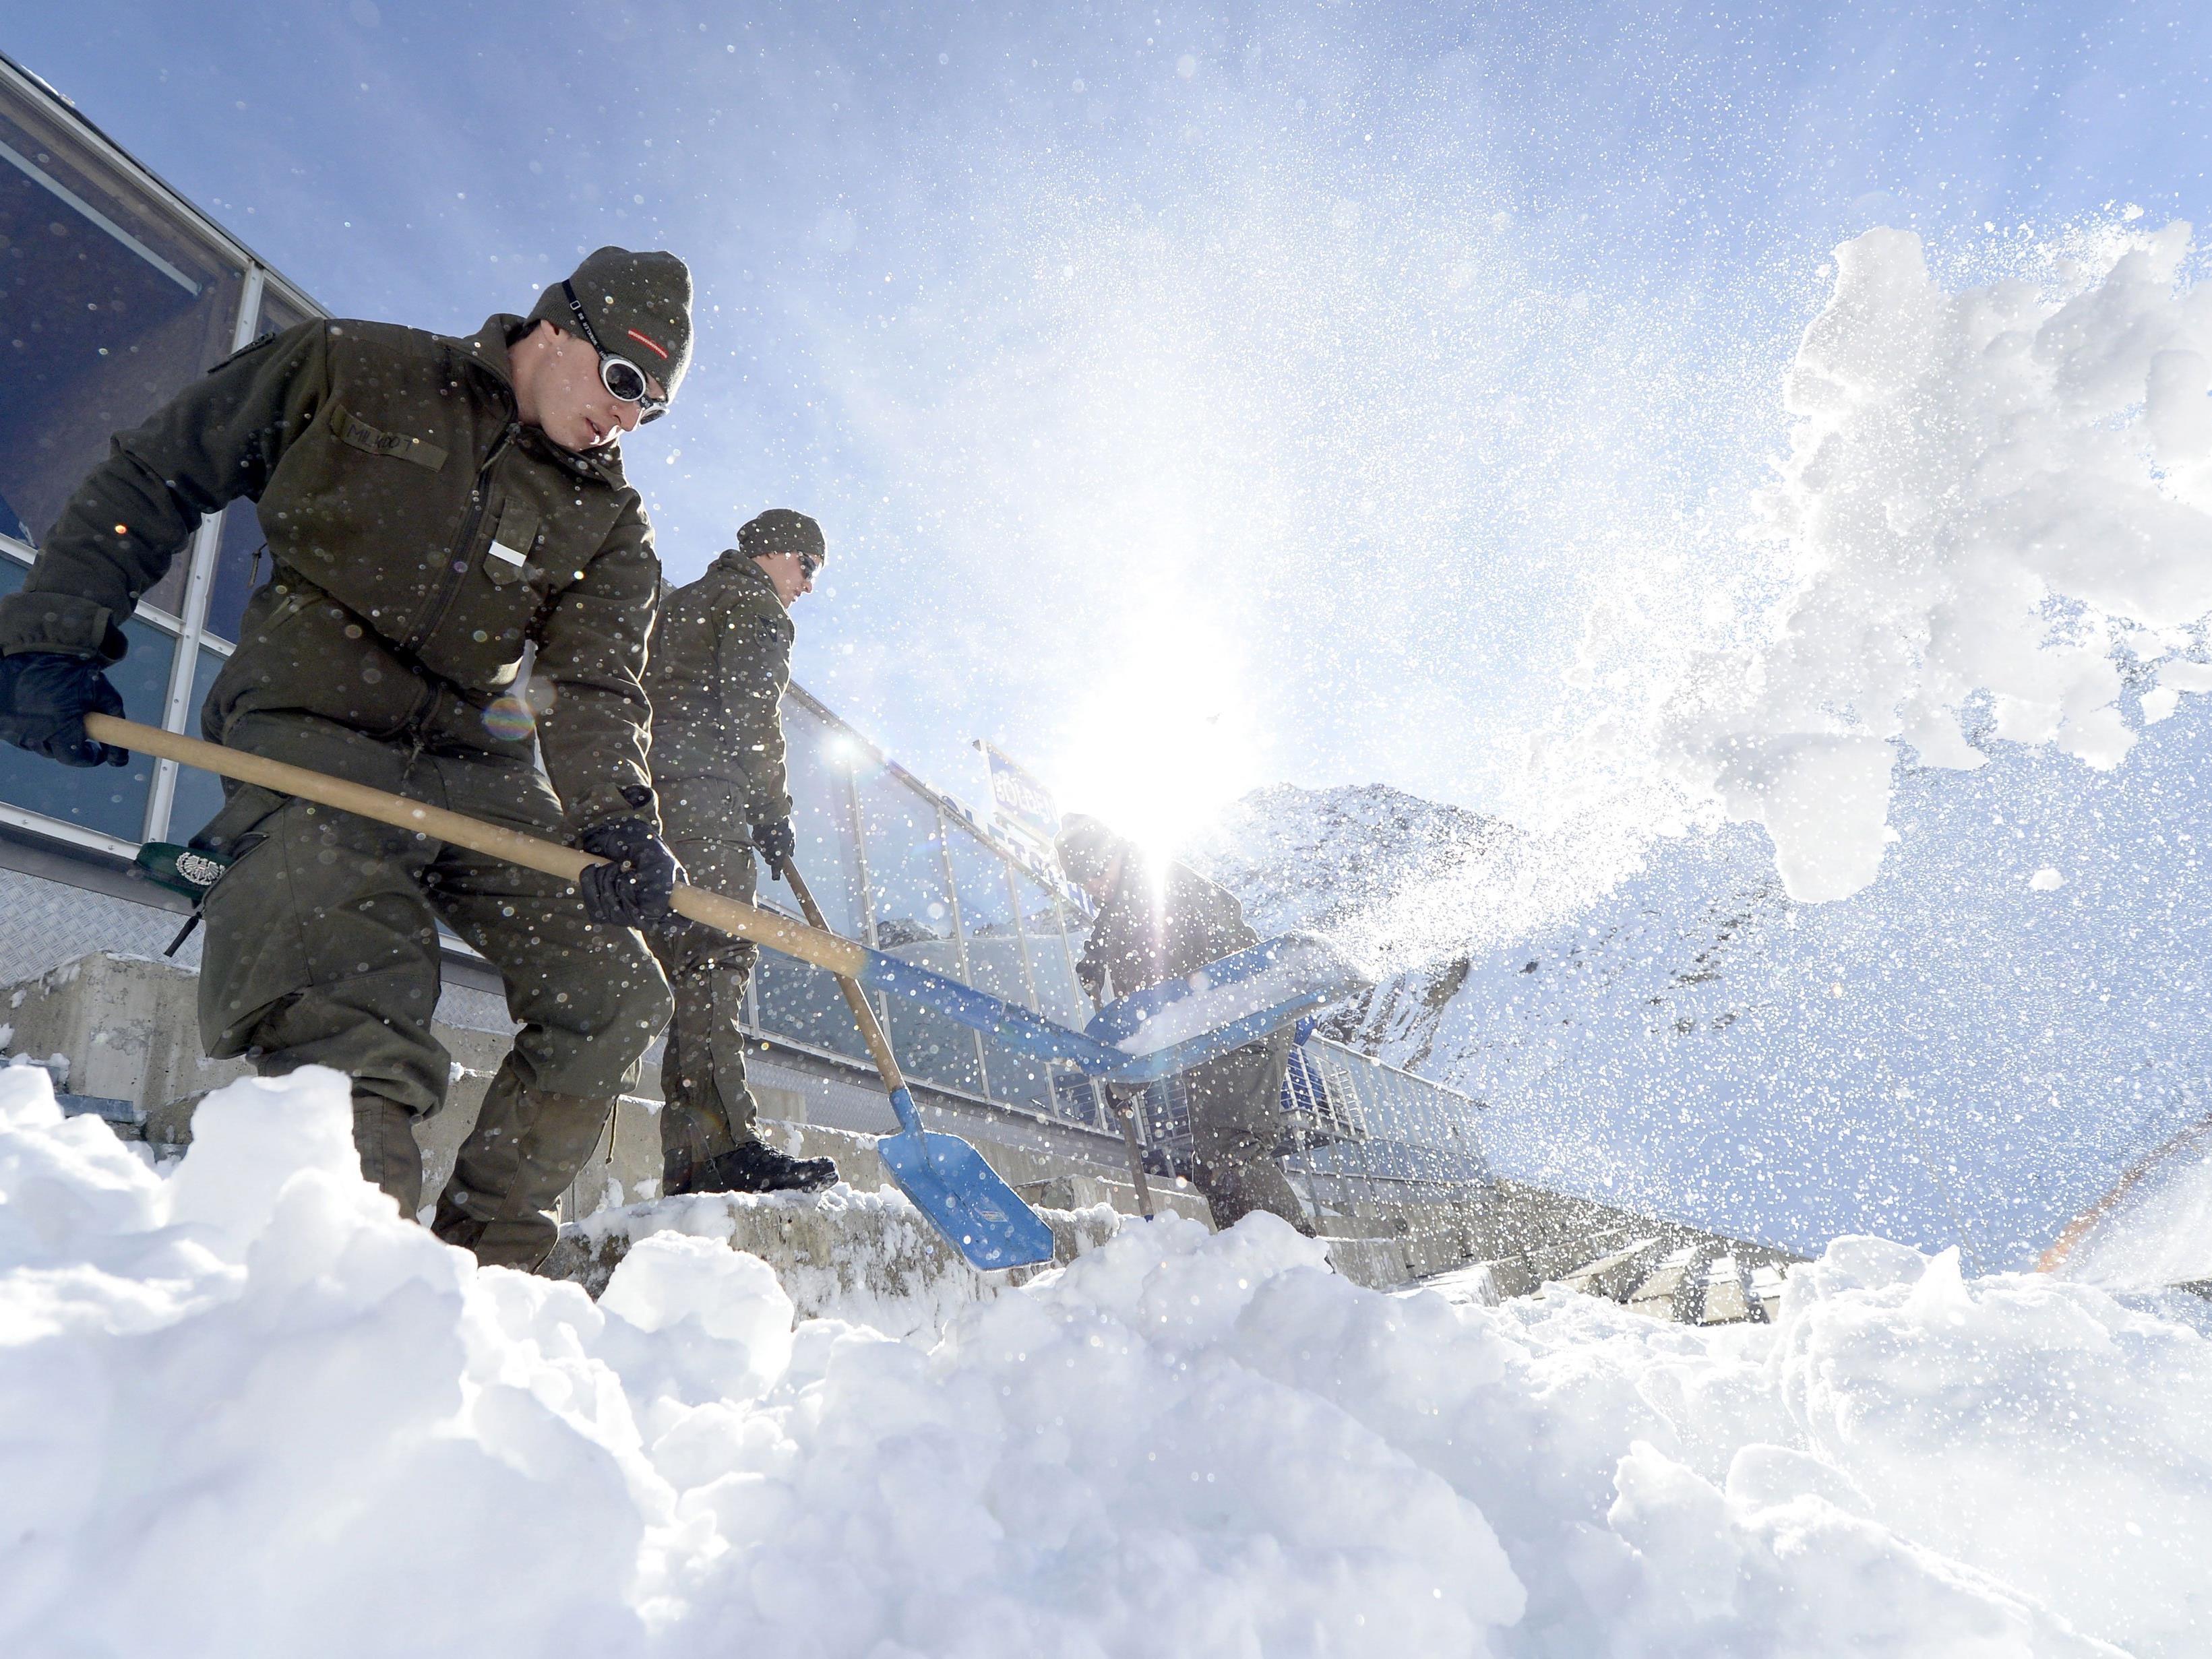 Burschen des Bundesheeres beim Schneeräumen.